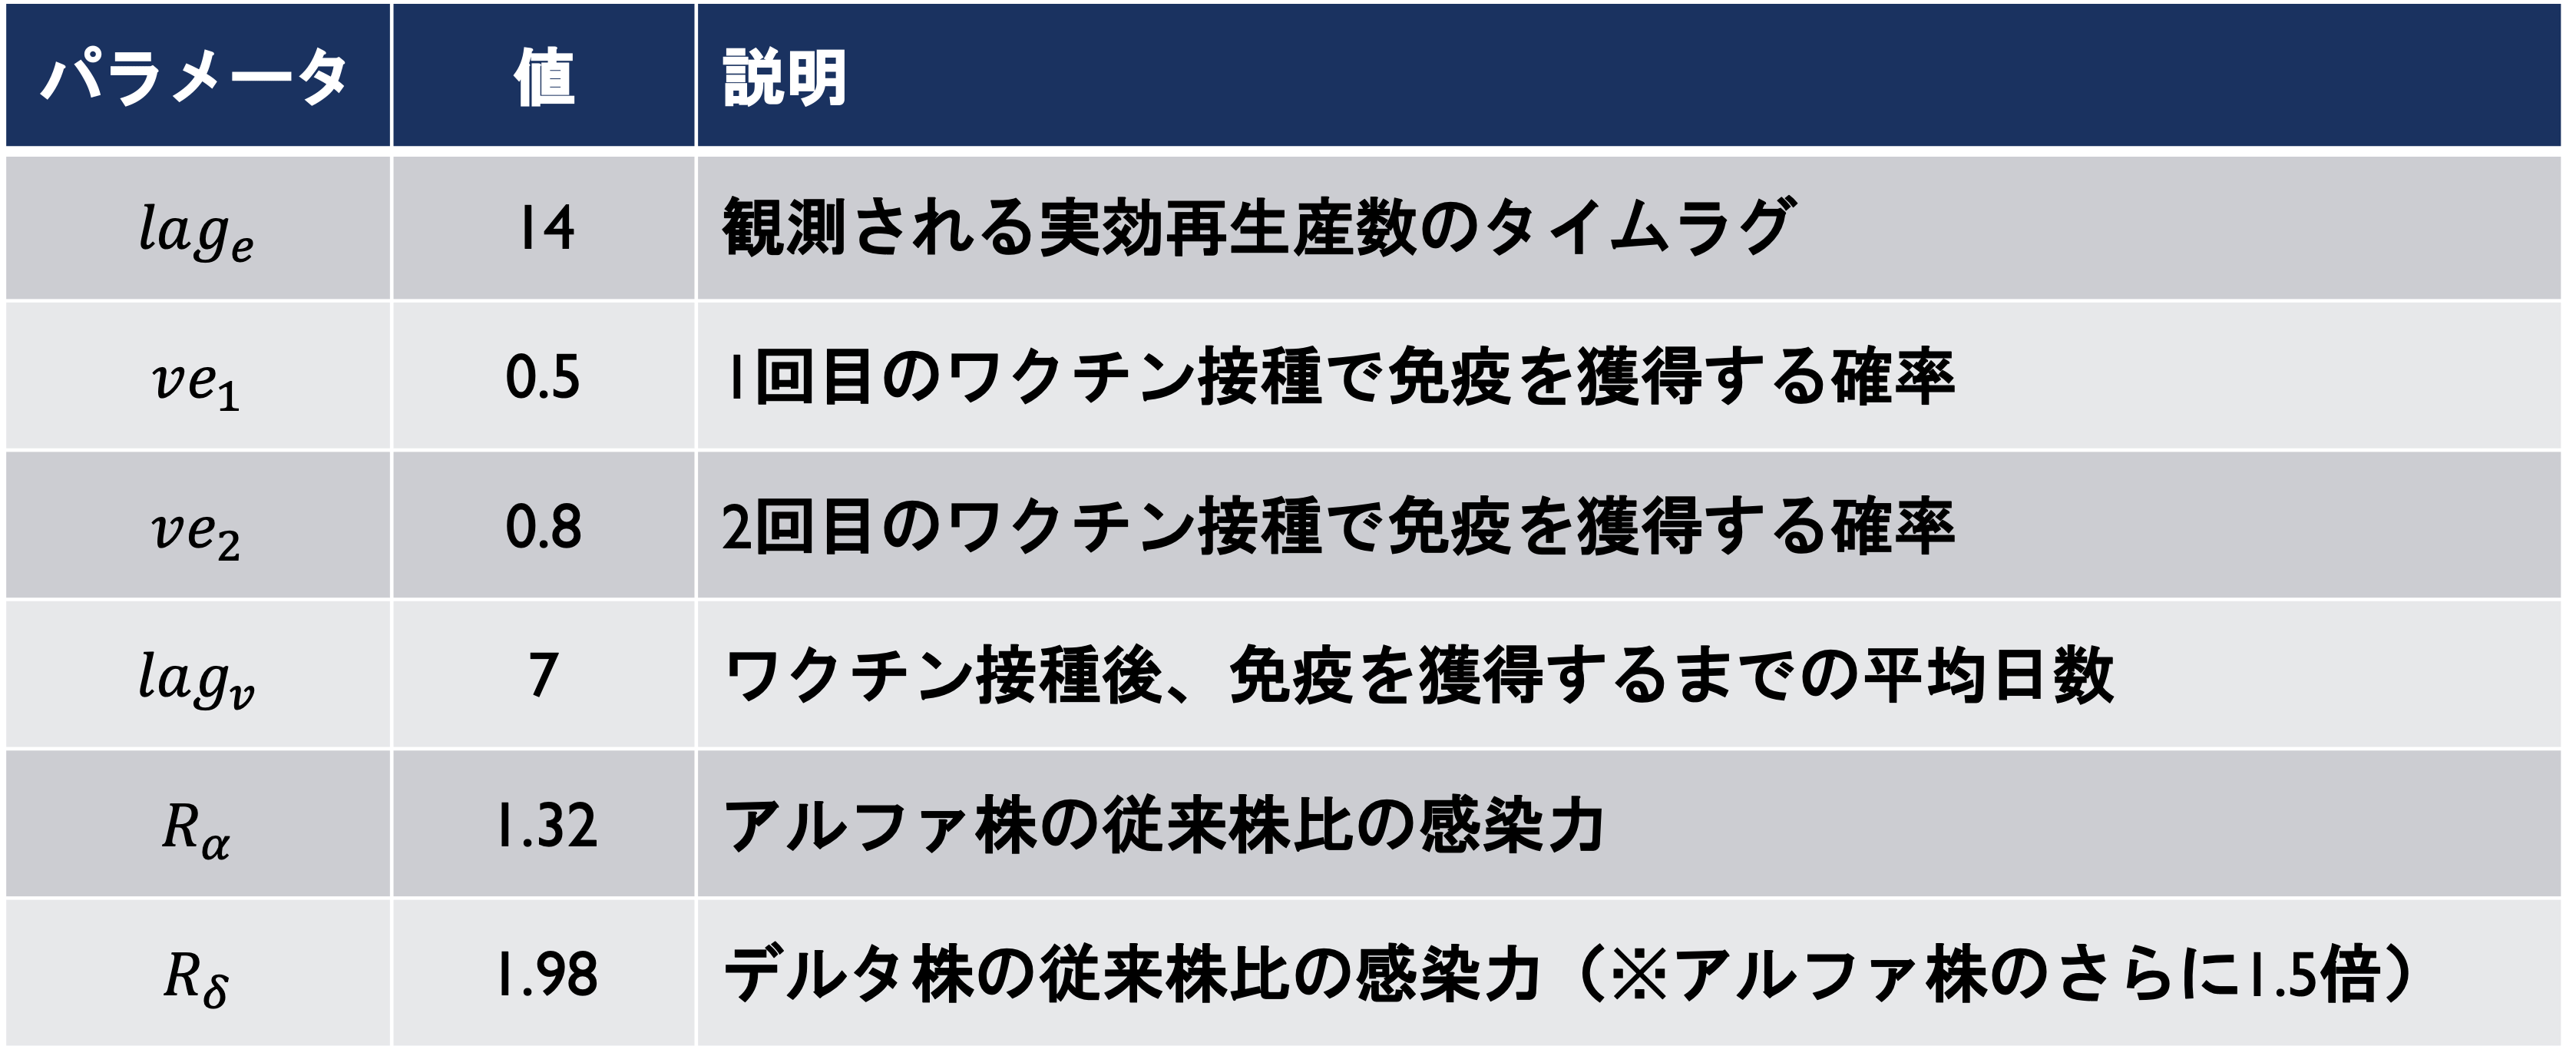 変異株・ワクチン影響の調整について②